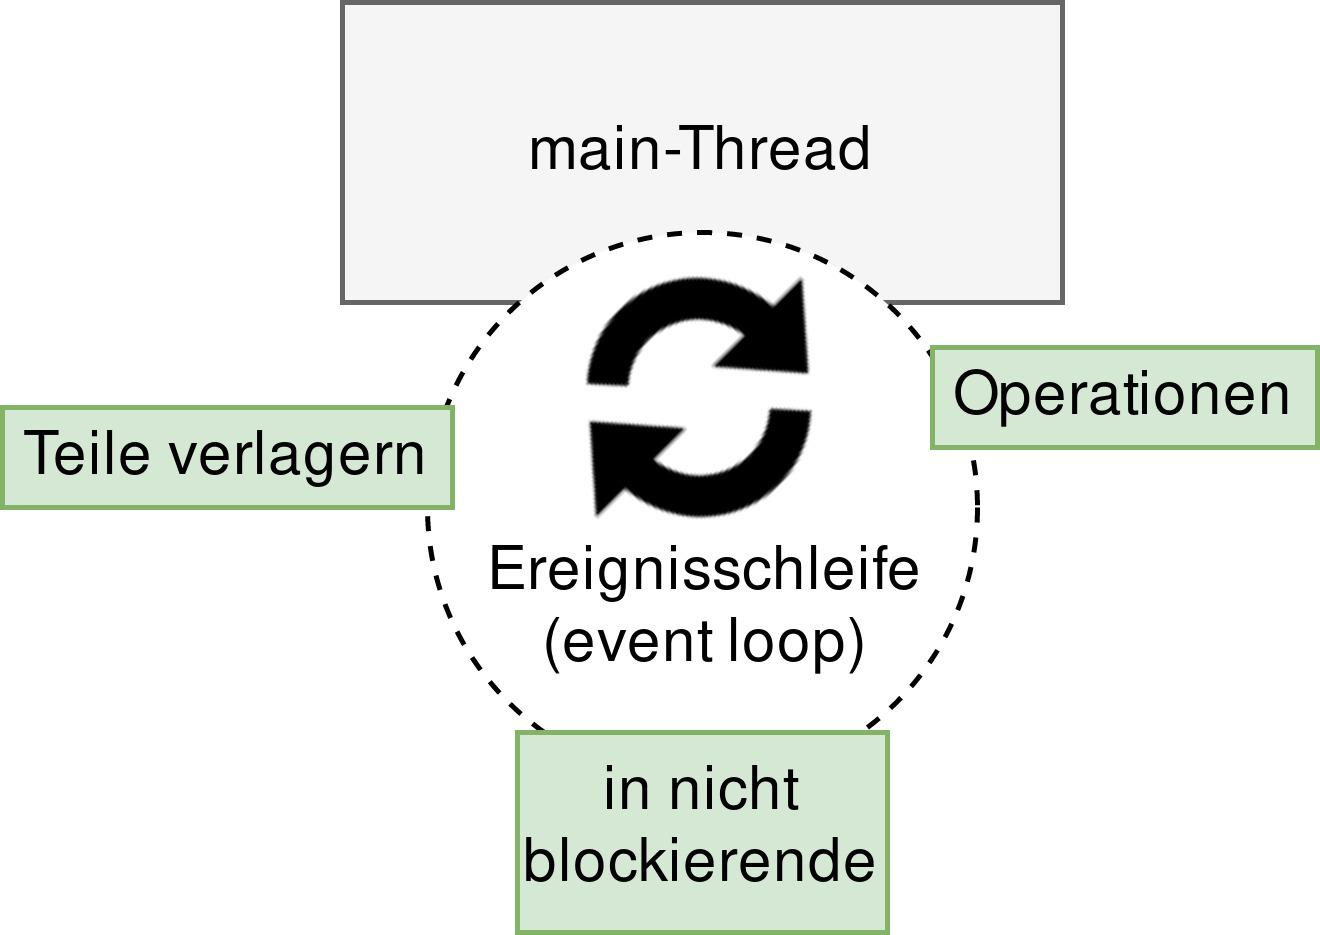 Abbildung 3: Verwendung einer Ereignisschleife zur Abarbeitung der Operationen (Operationen in nicht blockierende Teile verlagern)